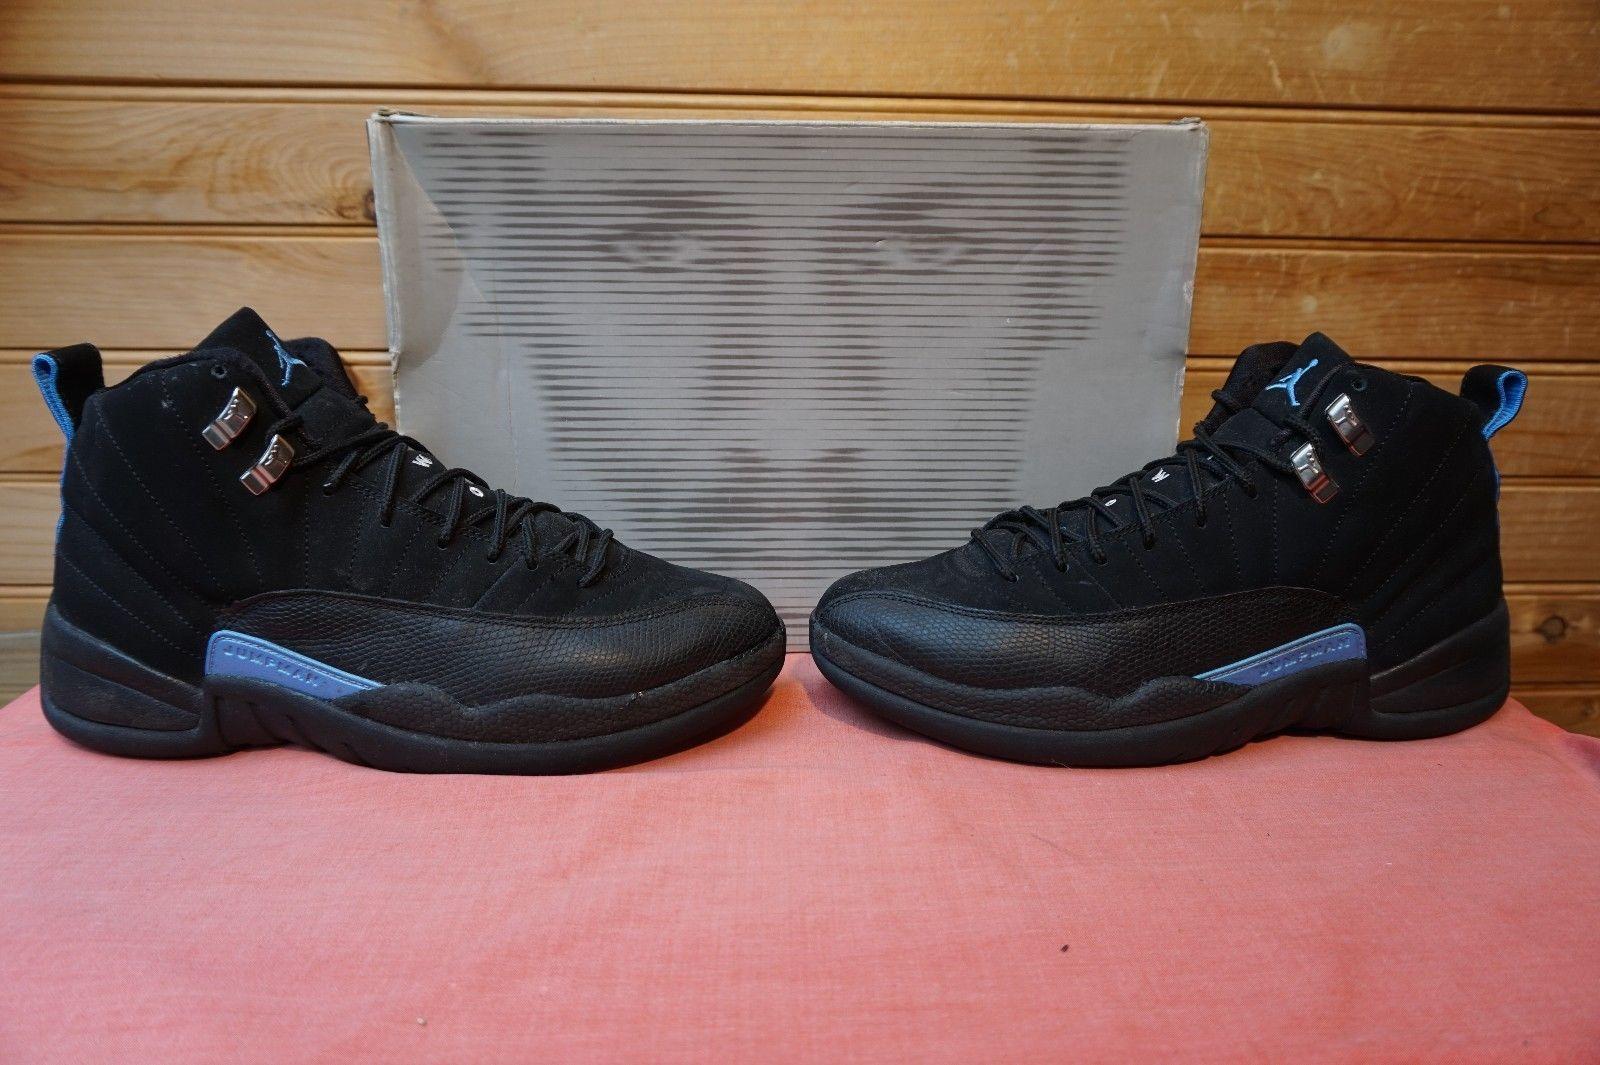 3f6c711198d Nike Air Jordan 12 Retro Nubuck Black White University Blue Size 8 (1201)